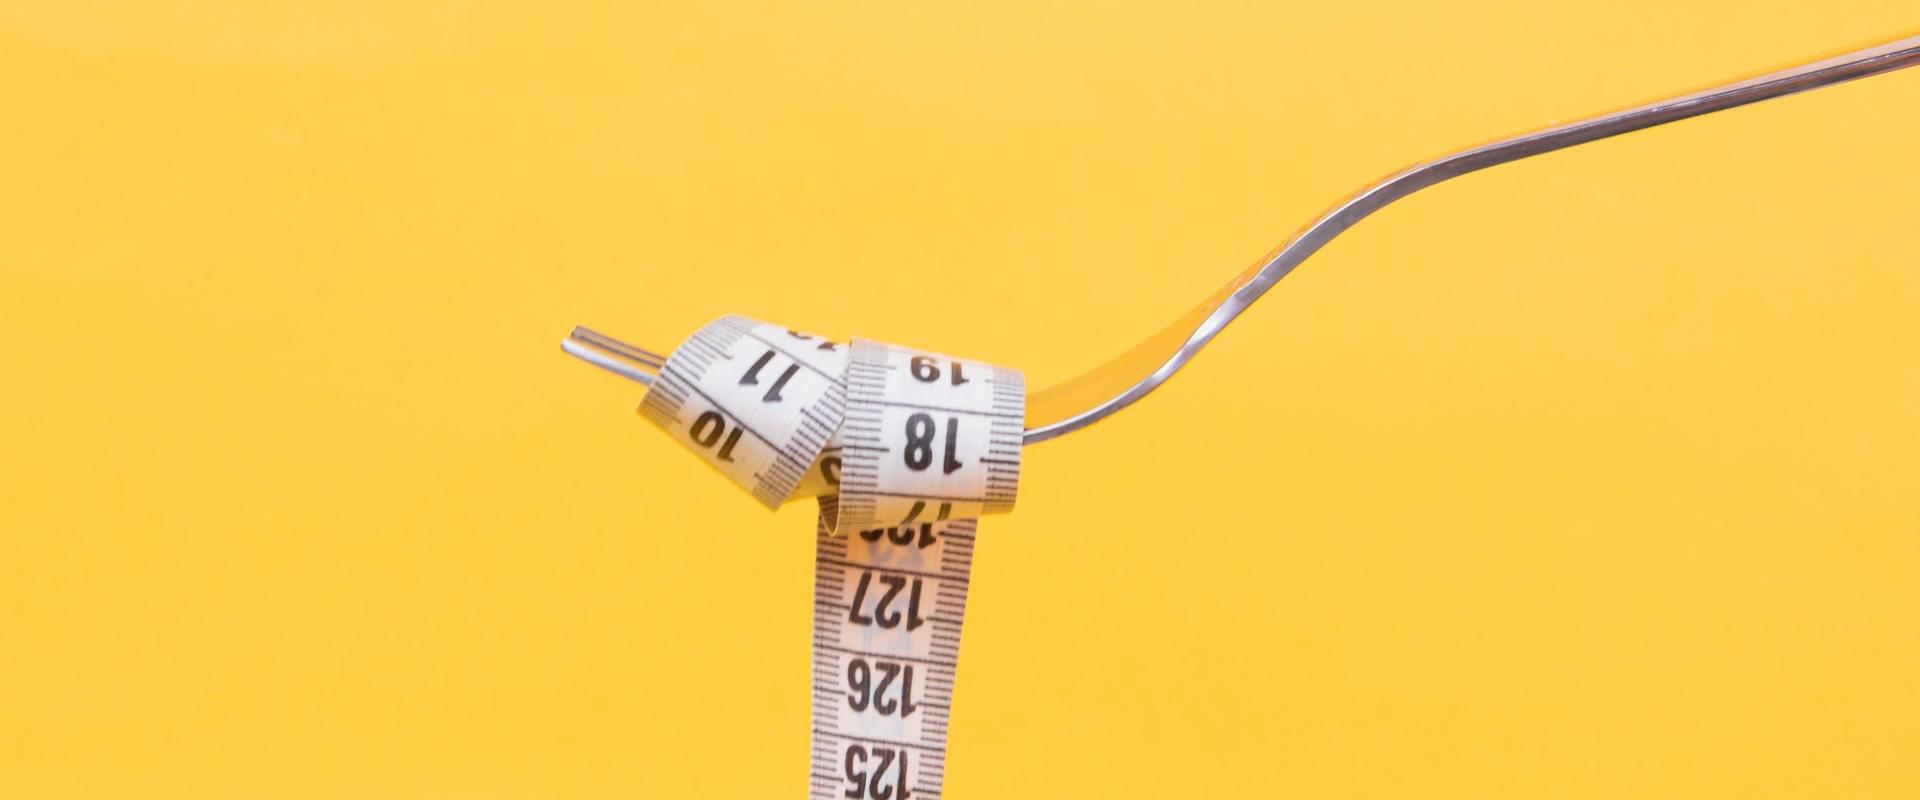 Afvallen: Minder eten of meer bewegen?